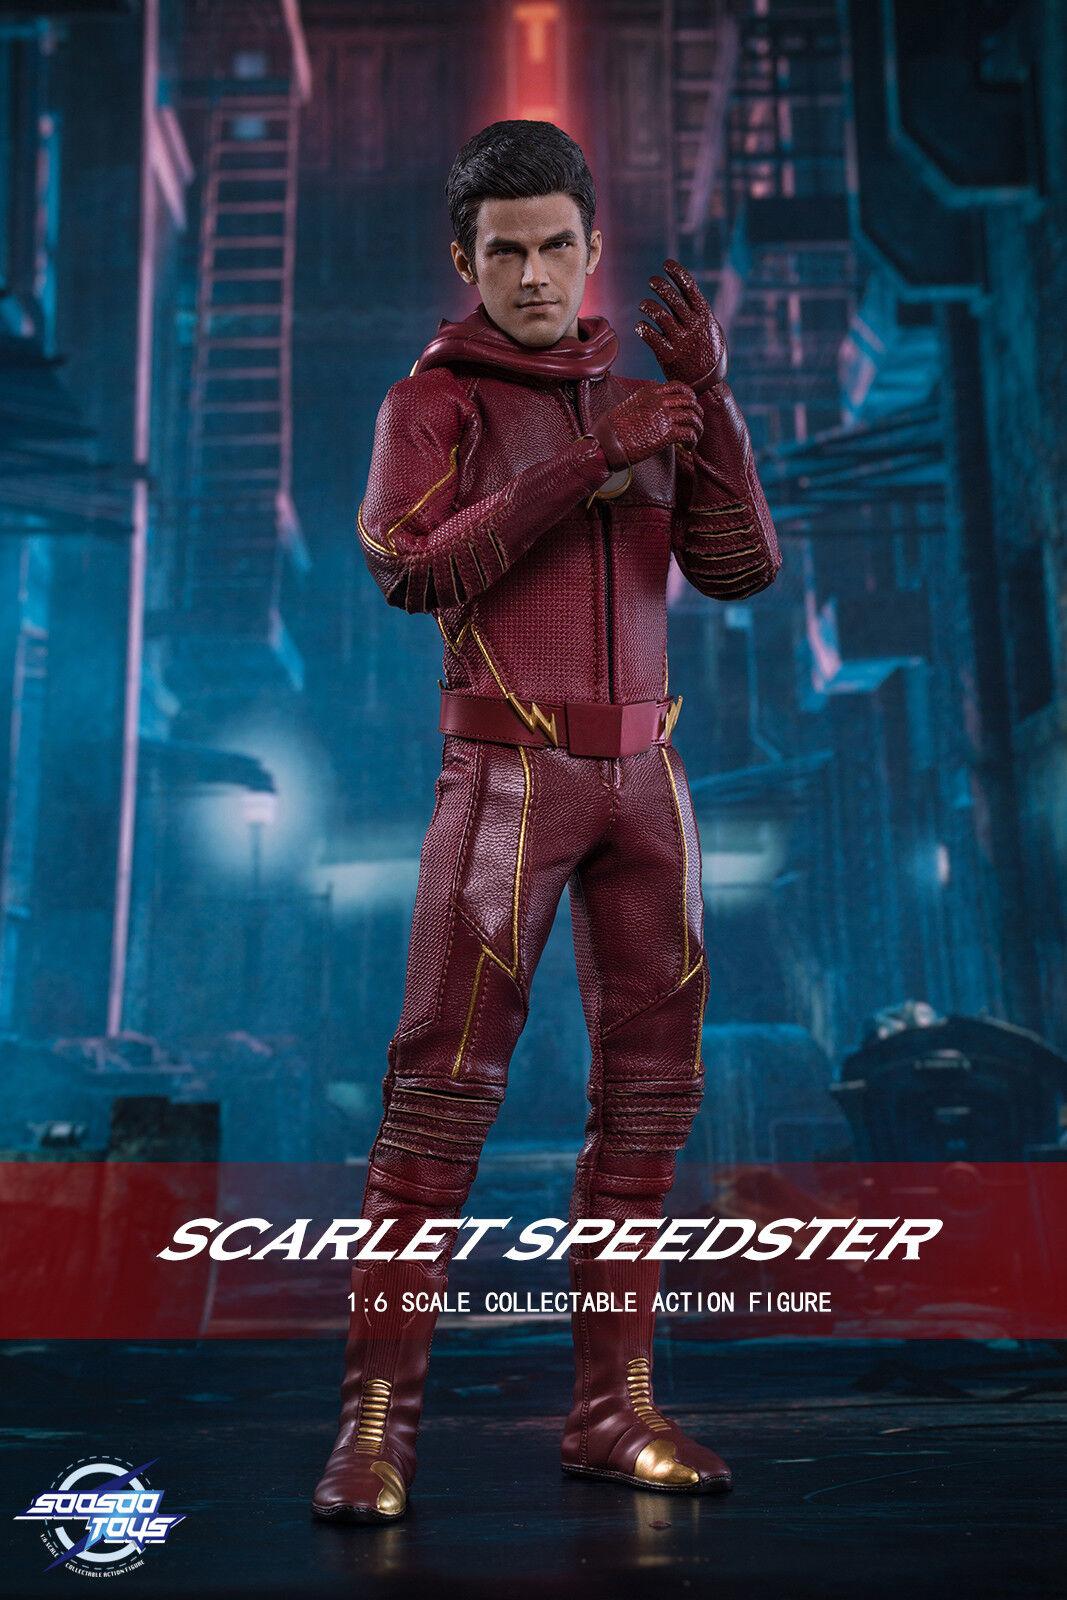 salida Soosoo Juguetes Juguetes Juguetes SST002 SCochelet Speedster 1 6 figura Estados Unidos envío  nuevo estilo